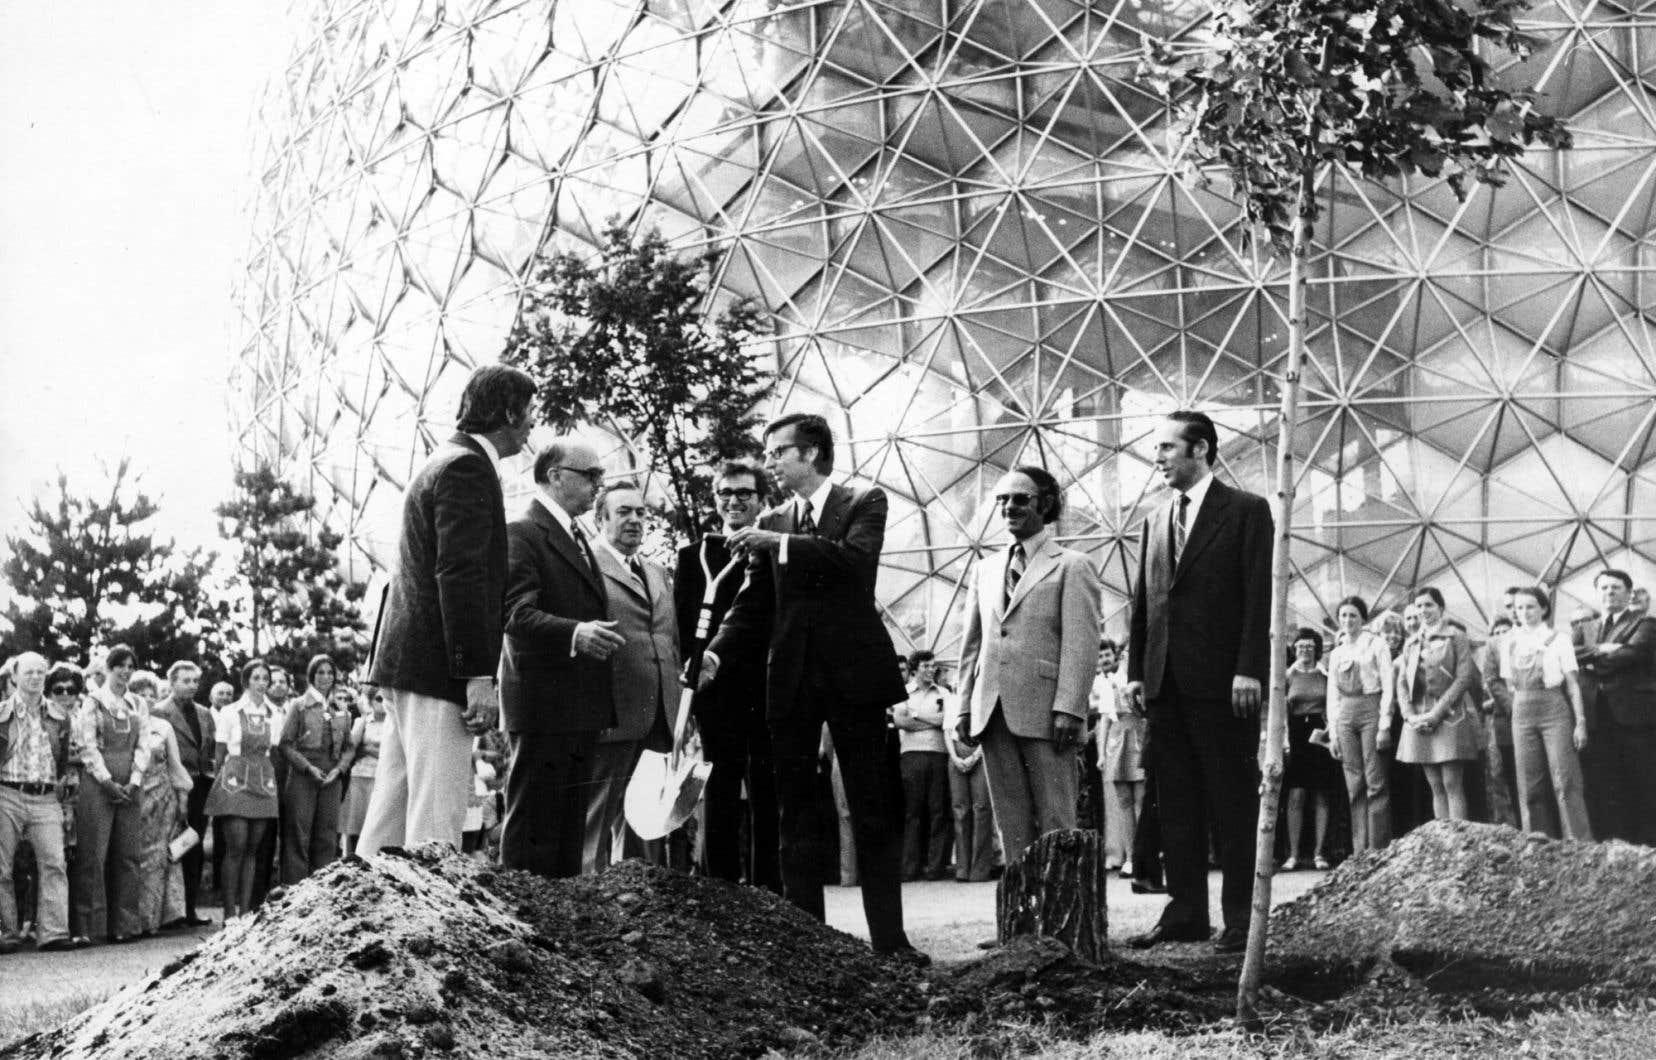 Le maire de Montréal Jean Drapeau et Robert Bourassa, alors député libéral De Mercier, à l'Exposition universelle de Montréal de 1967